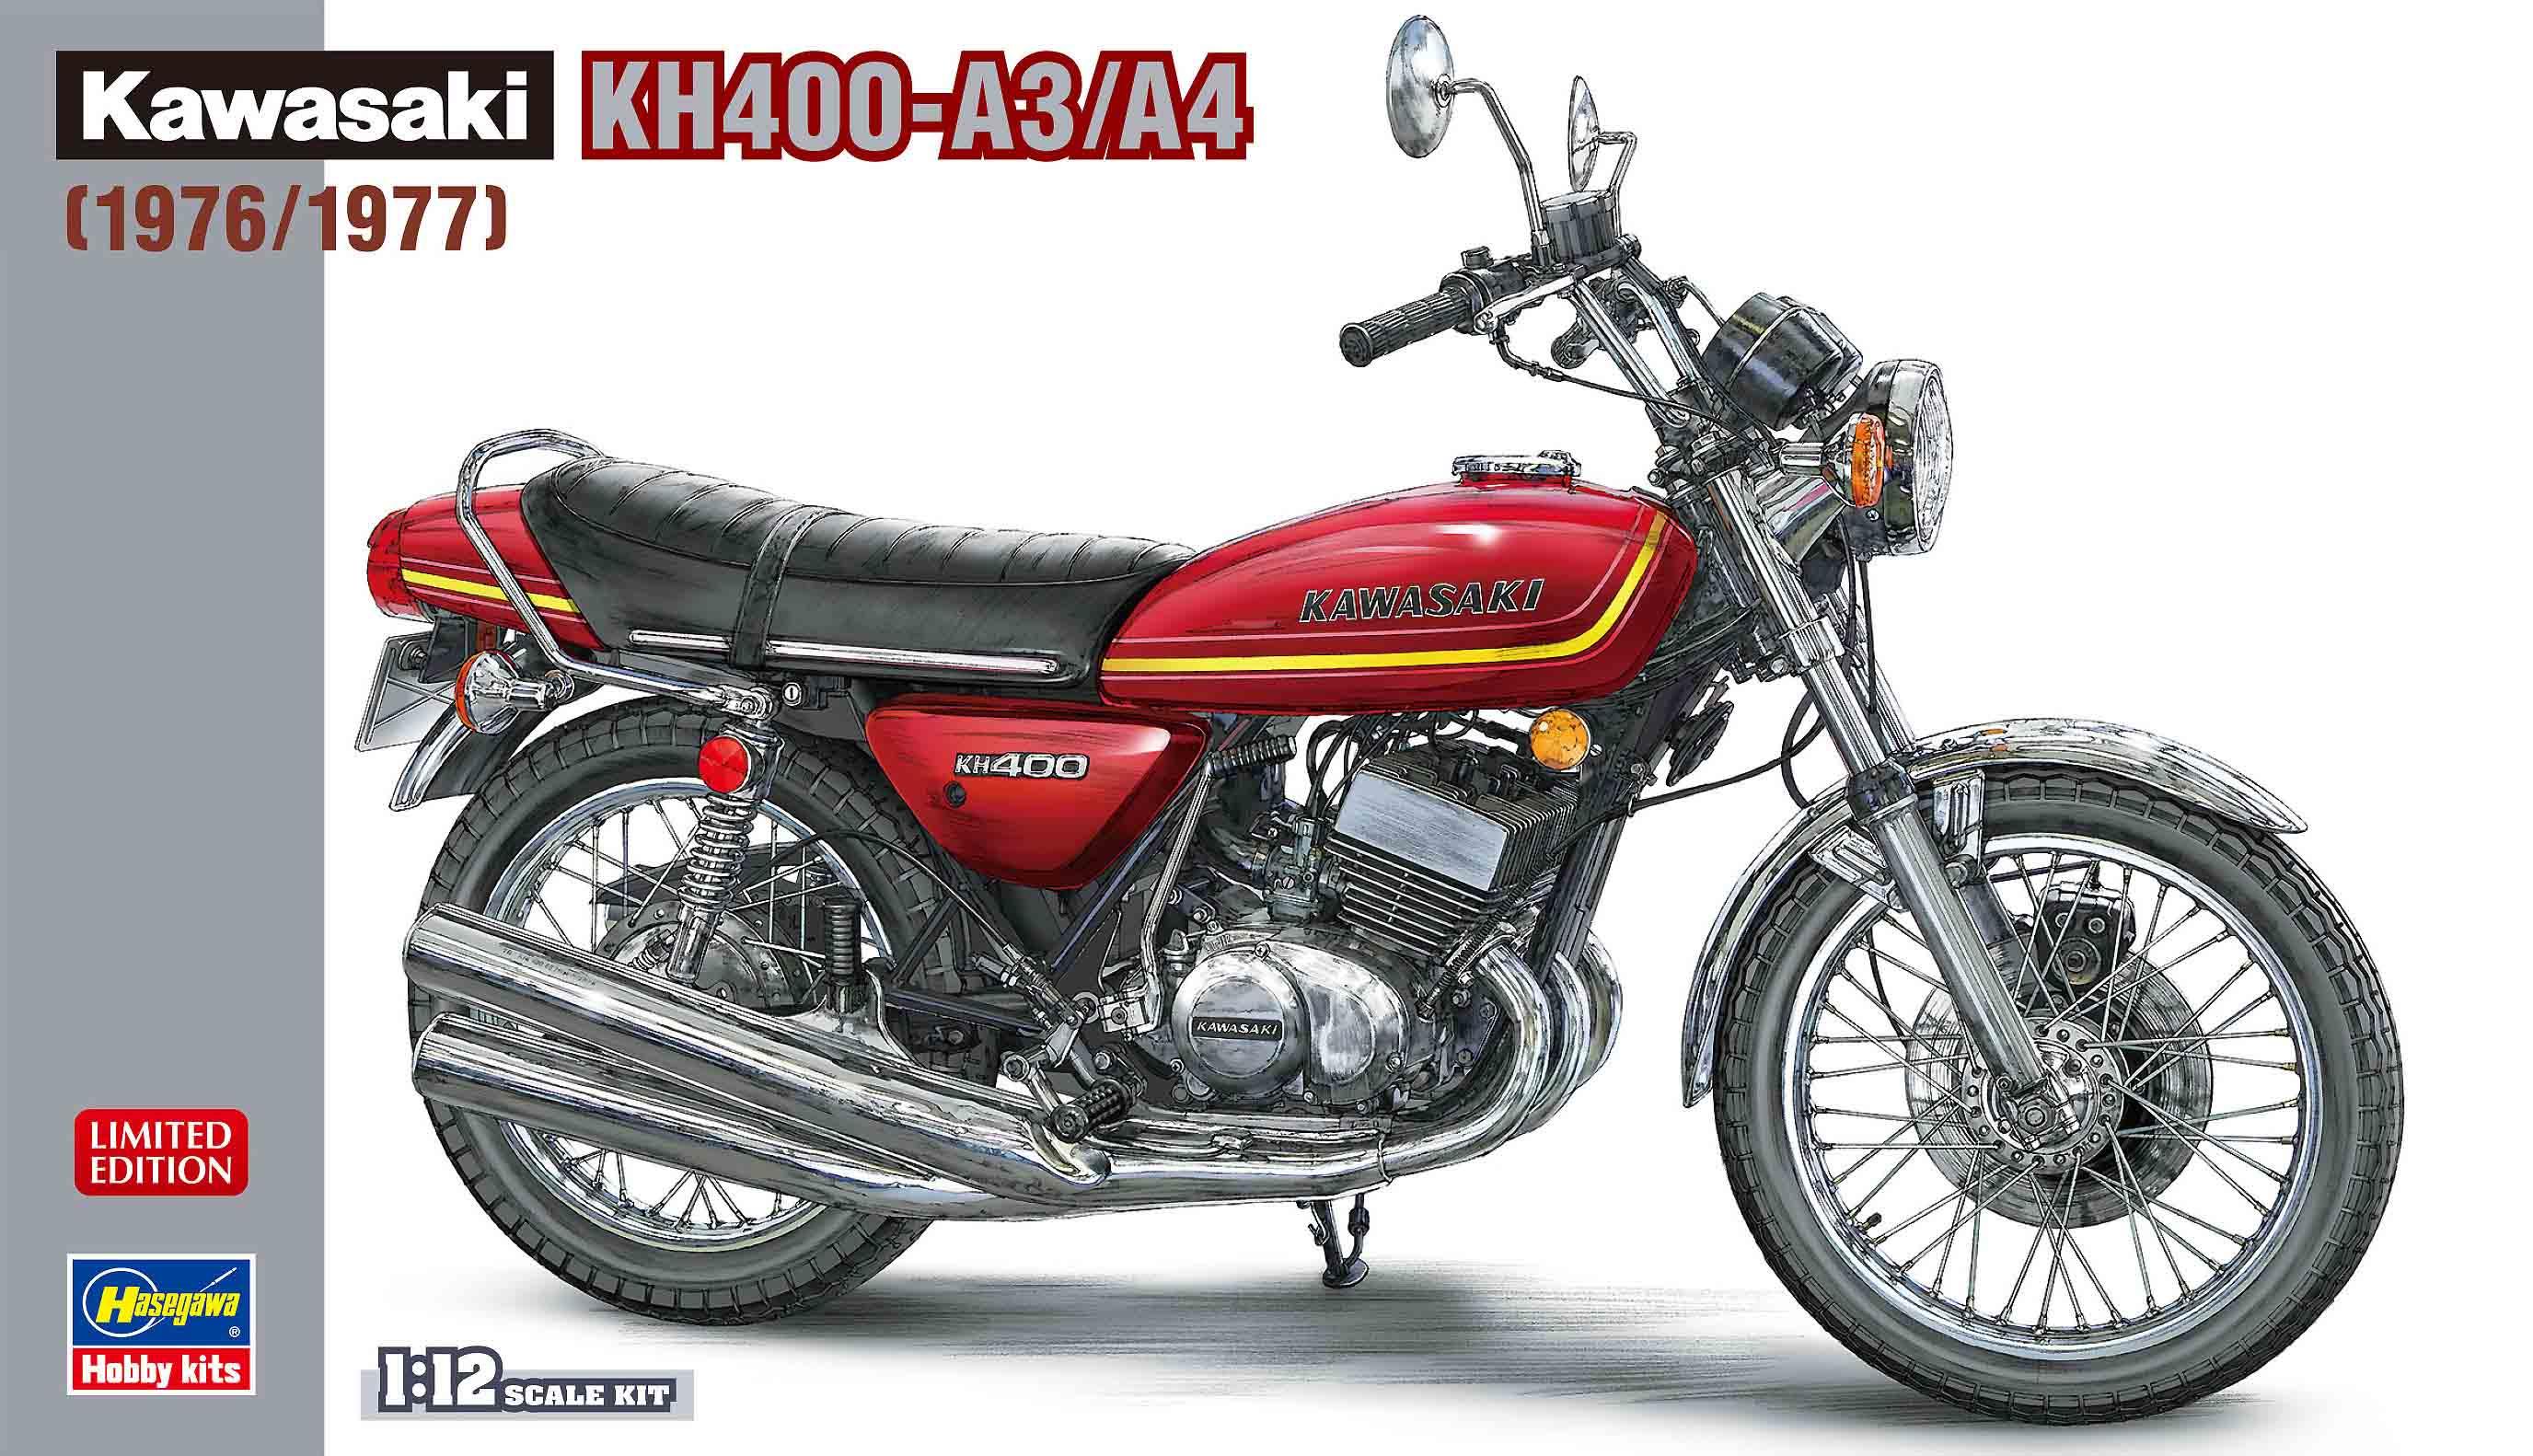 Hasegawa 1/12 Kawasaki KH400-A3/A4 1976 / 1977